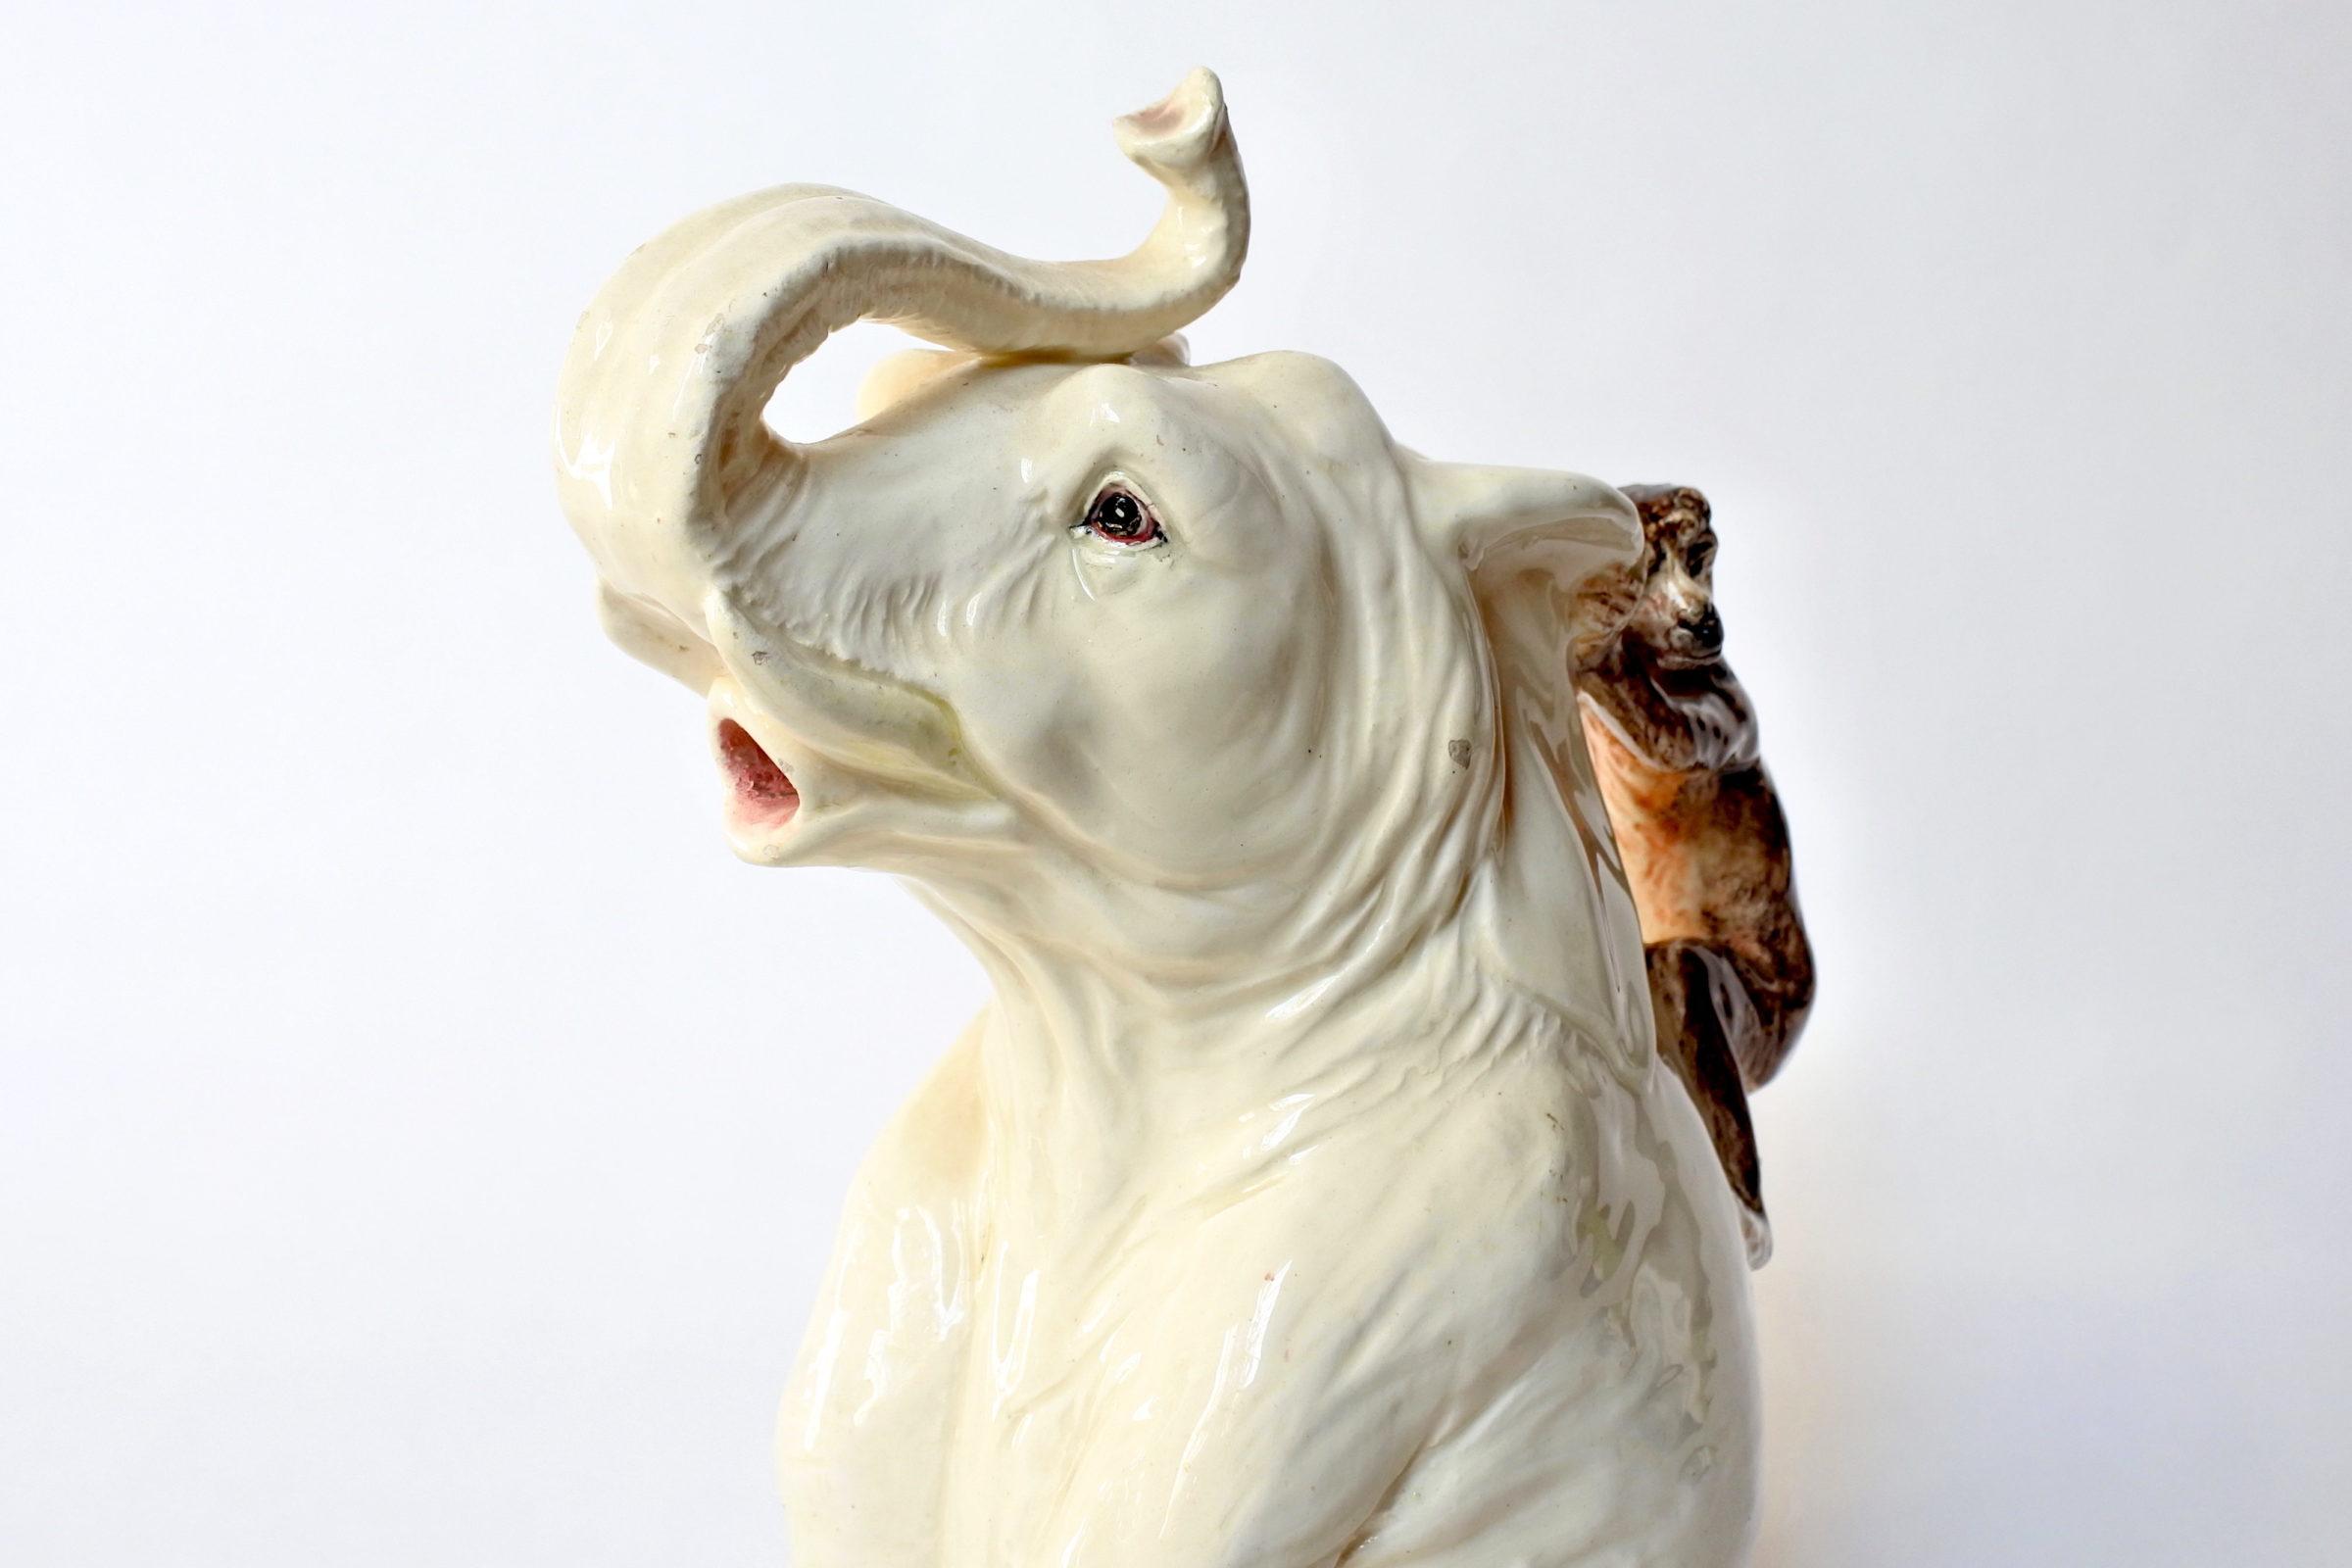 Rarissima brocca Massier in ceramica barbotine a forma di elefante con scimmia - 7